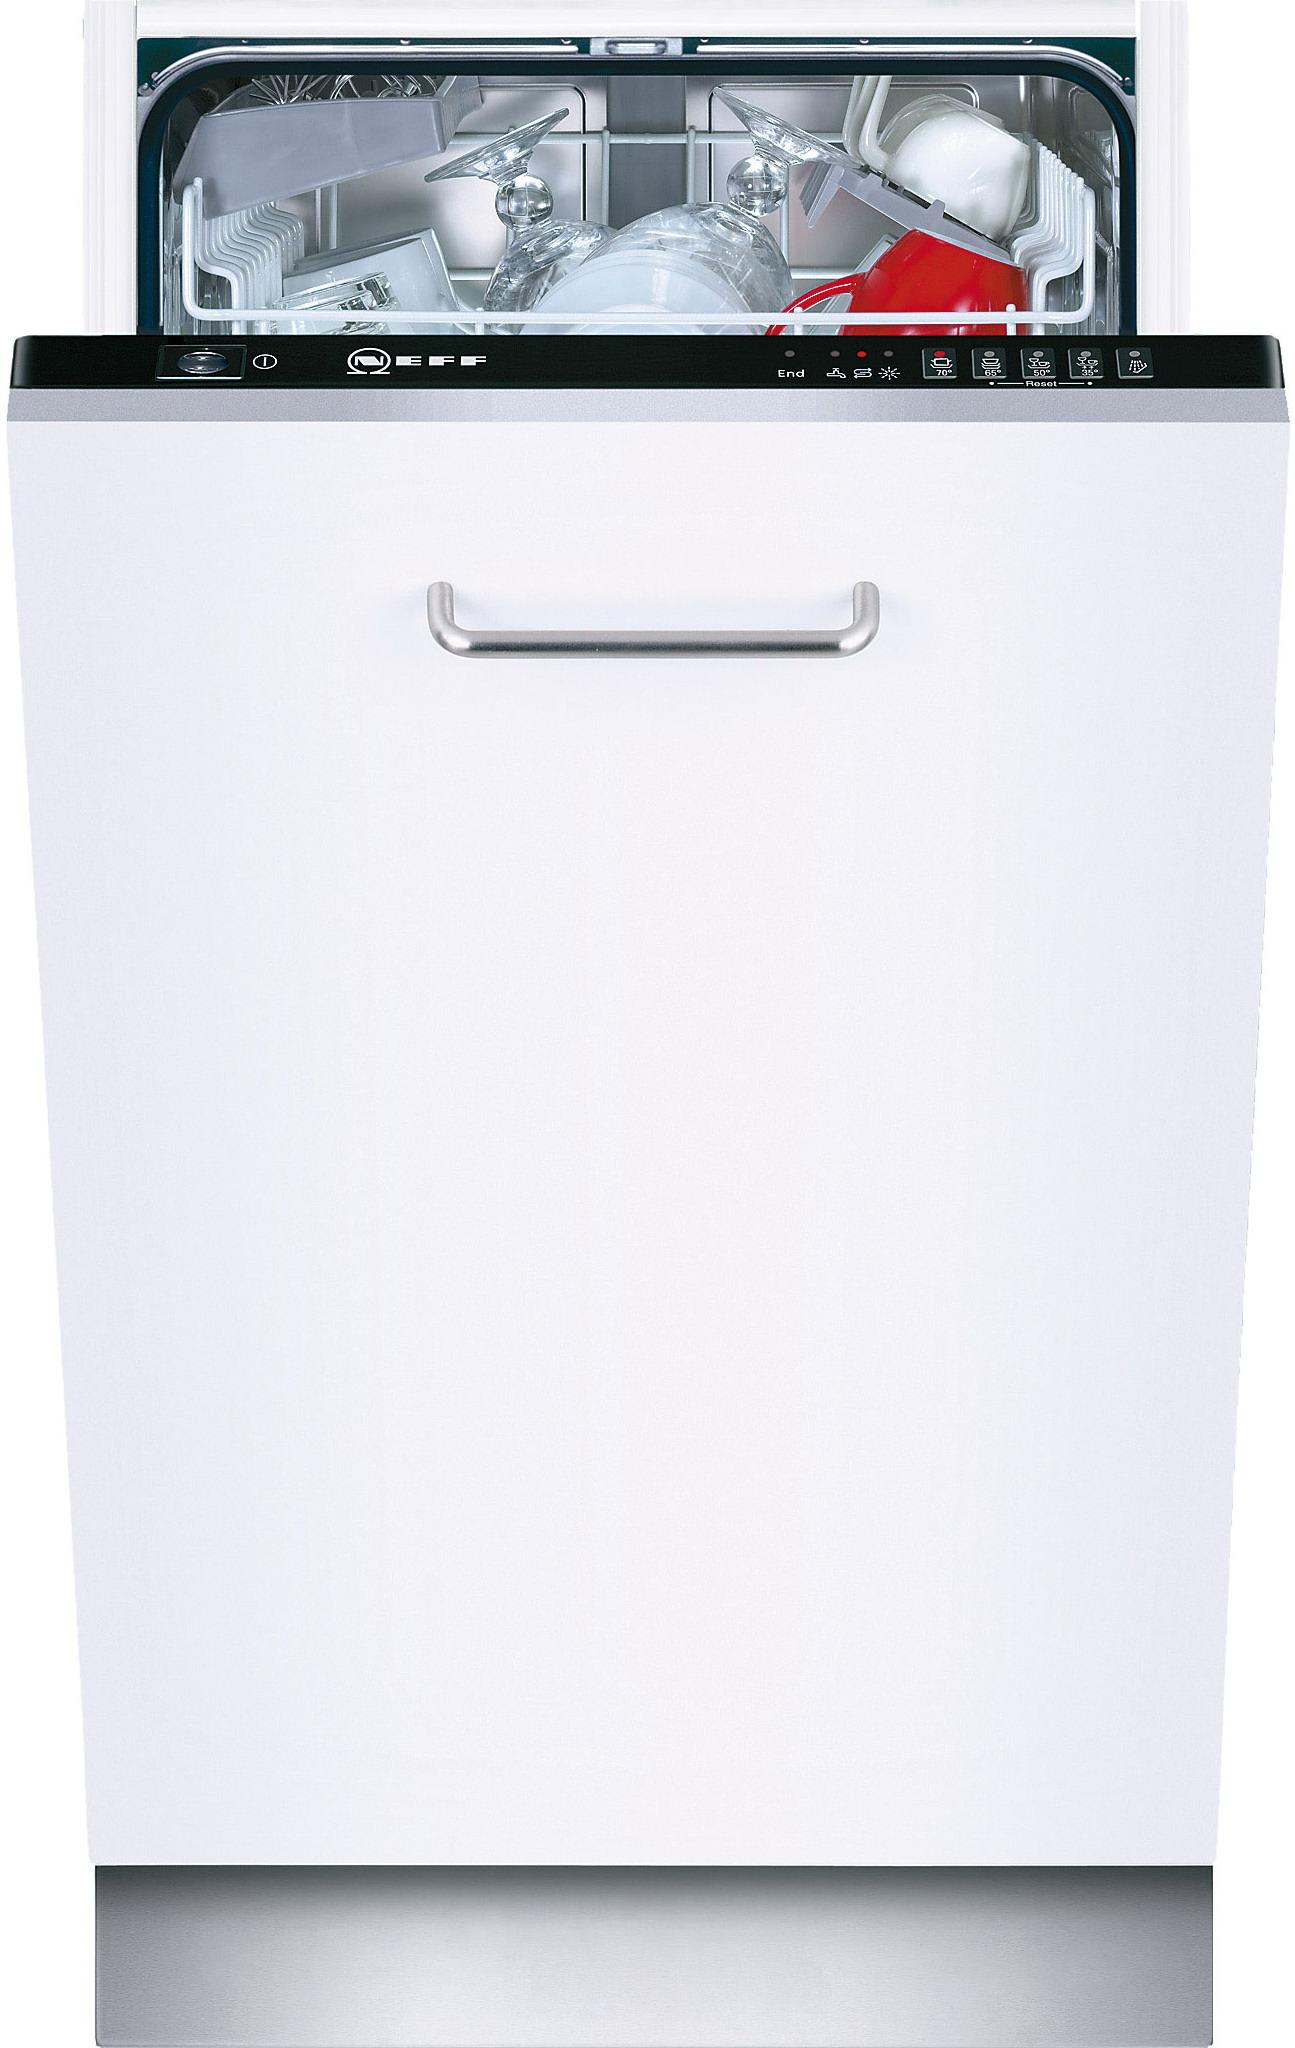 Встраиваемые посудомоечные машины neff - отзывы покупателей про нефф